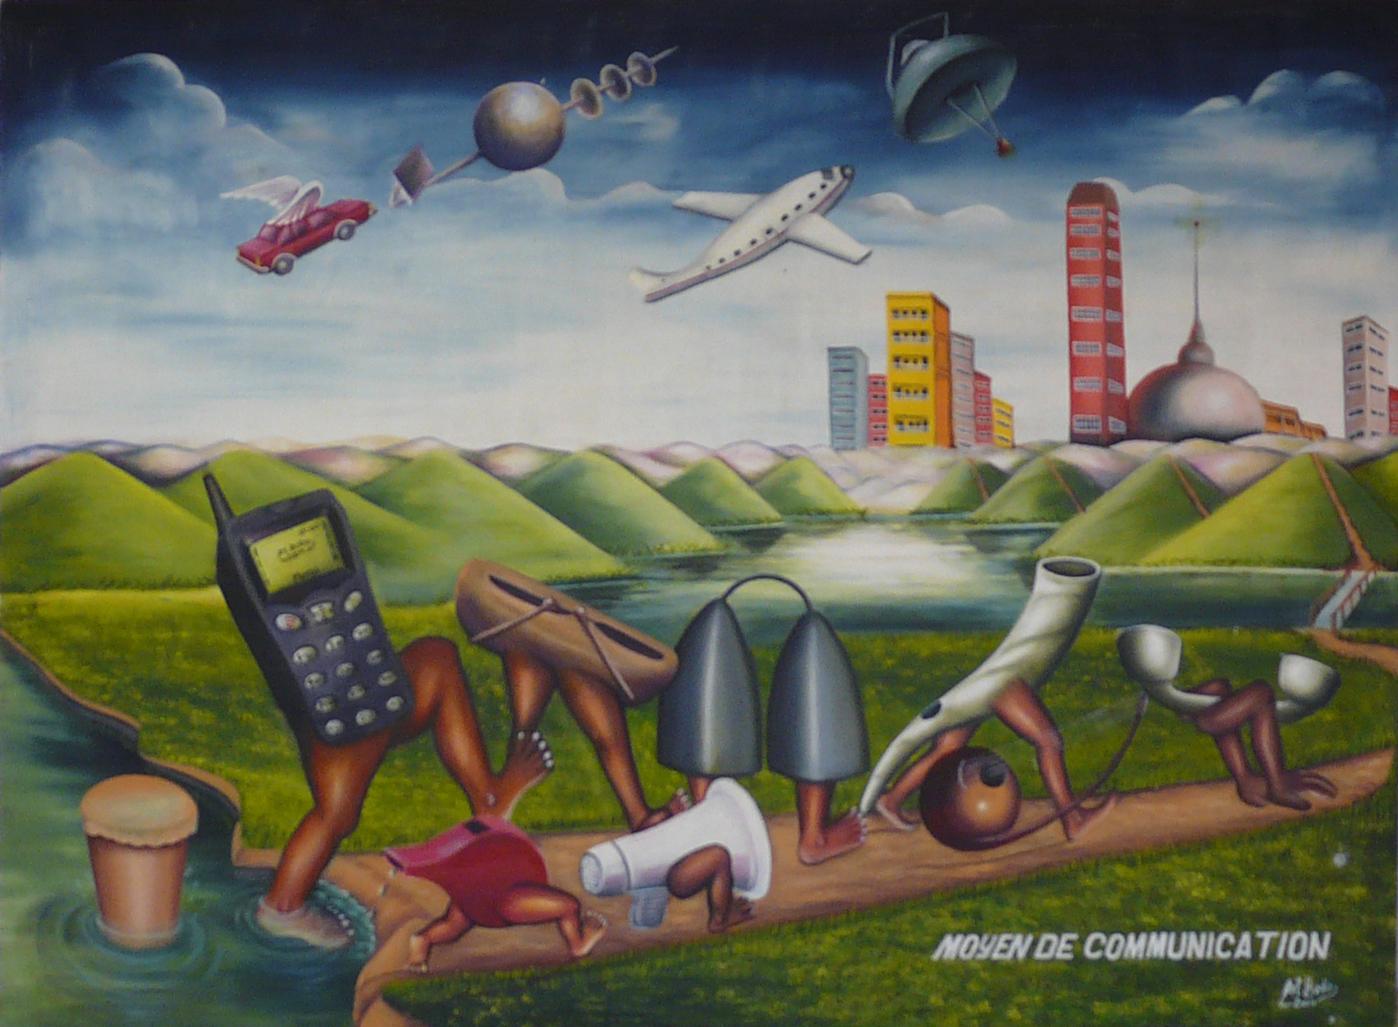 Moyen de communication by Bodo Art